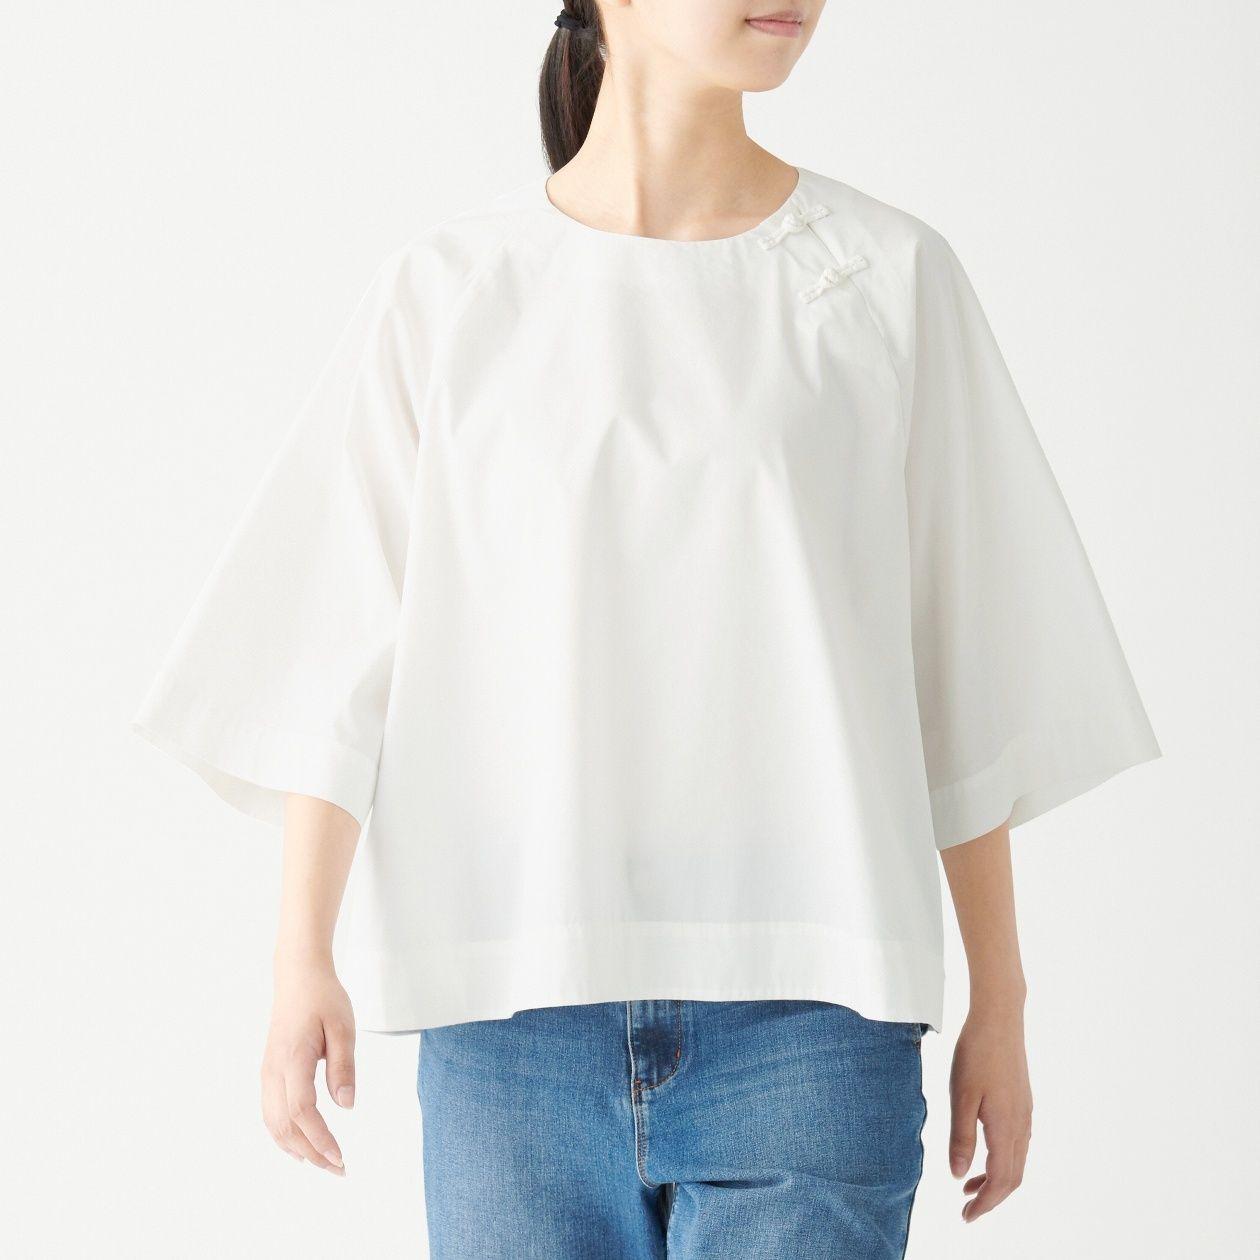 [무인양품] 매듭 단추 크루넥 블라우스 ONE SIZE・흰색 MUJI 일본 공식스토어